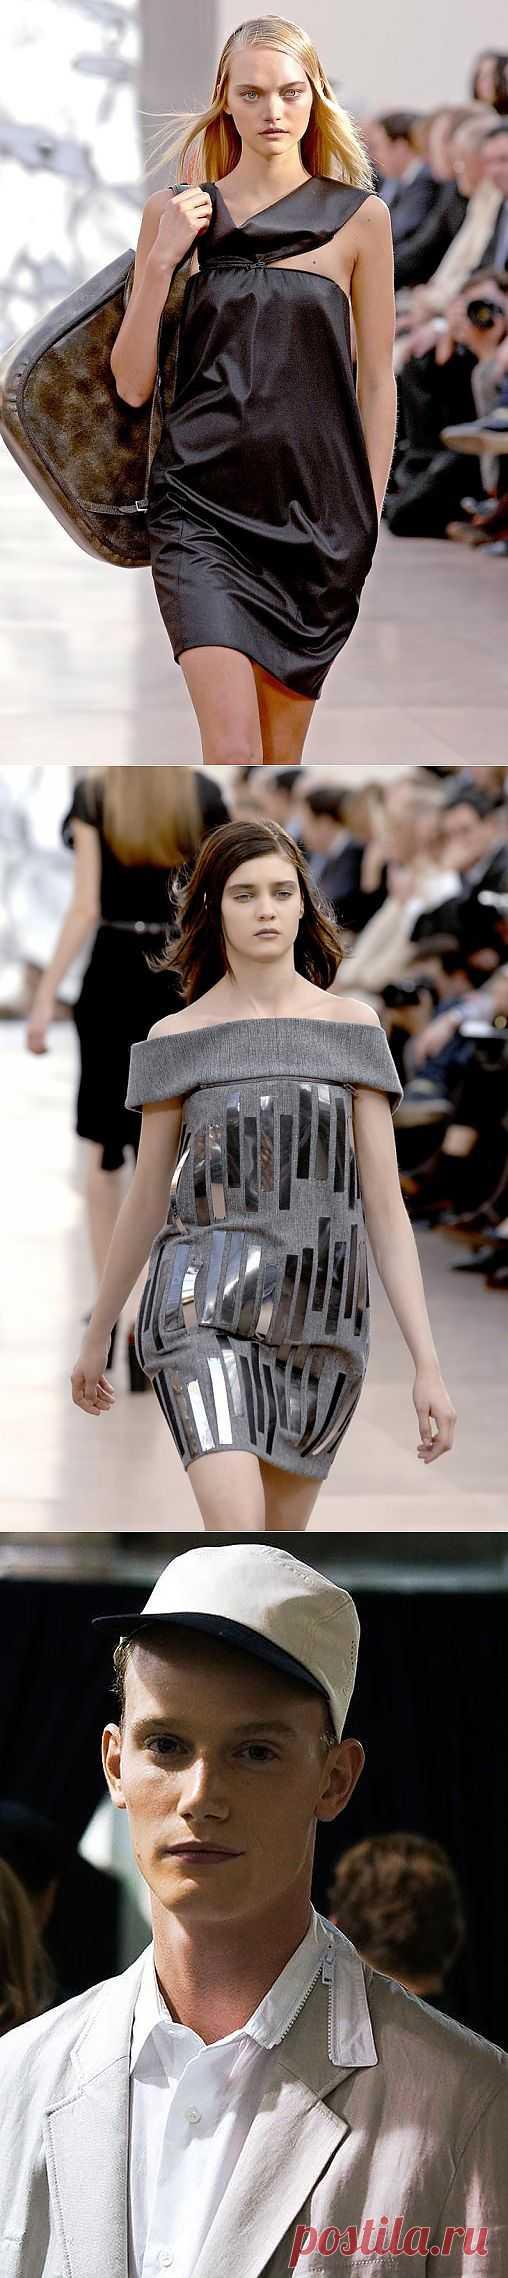 Воротники и молнии (подборка) / Детали / Модный сайт о стильной переделке одежды и интерьера